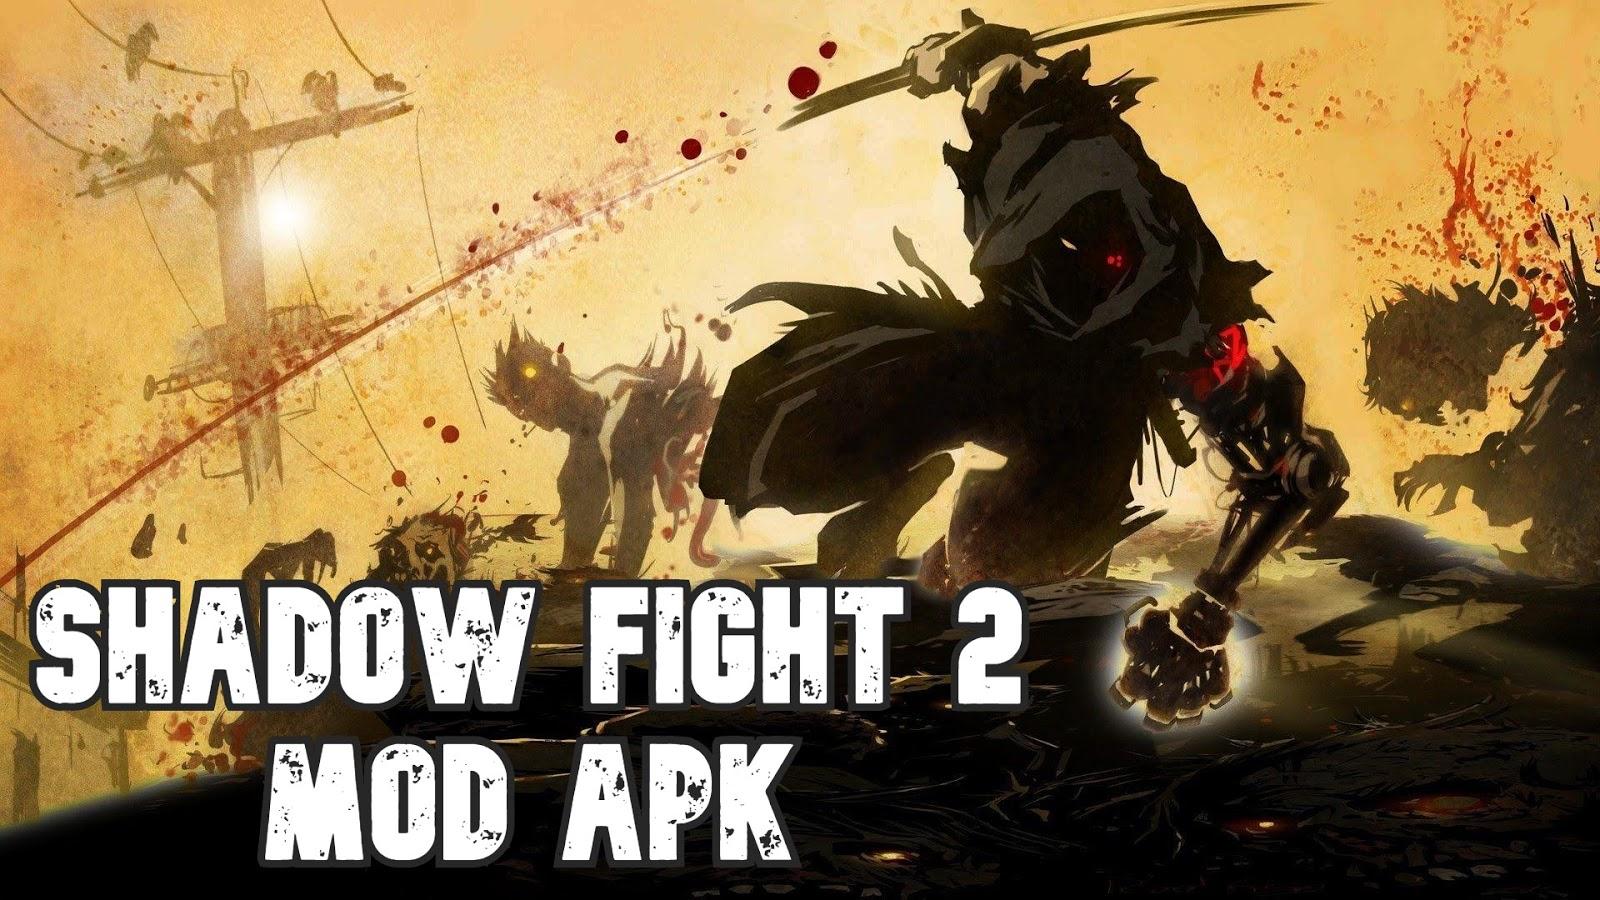 SHADOW-FIGHT2-MOD-APK-2.2.2